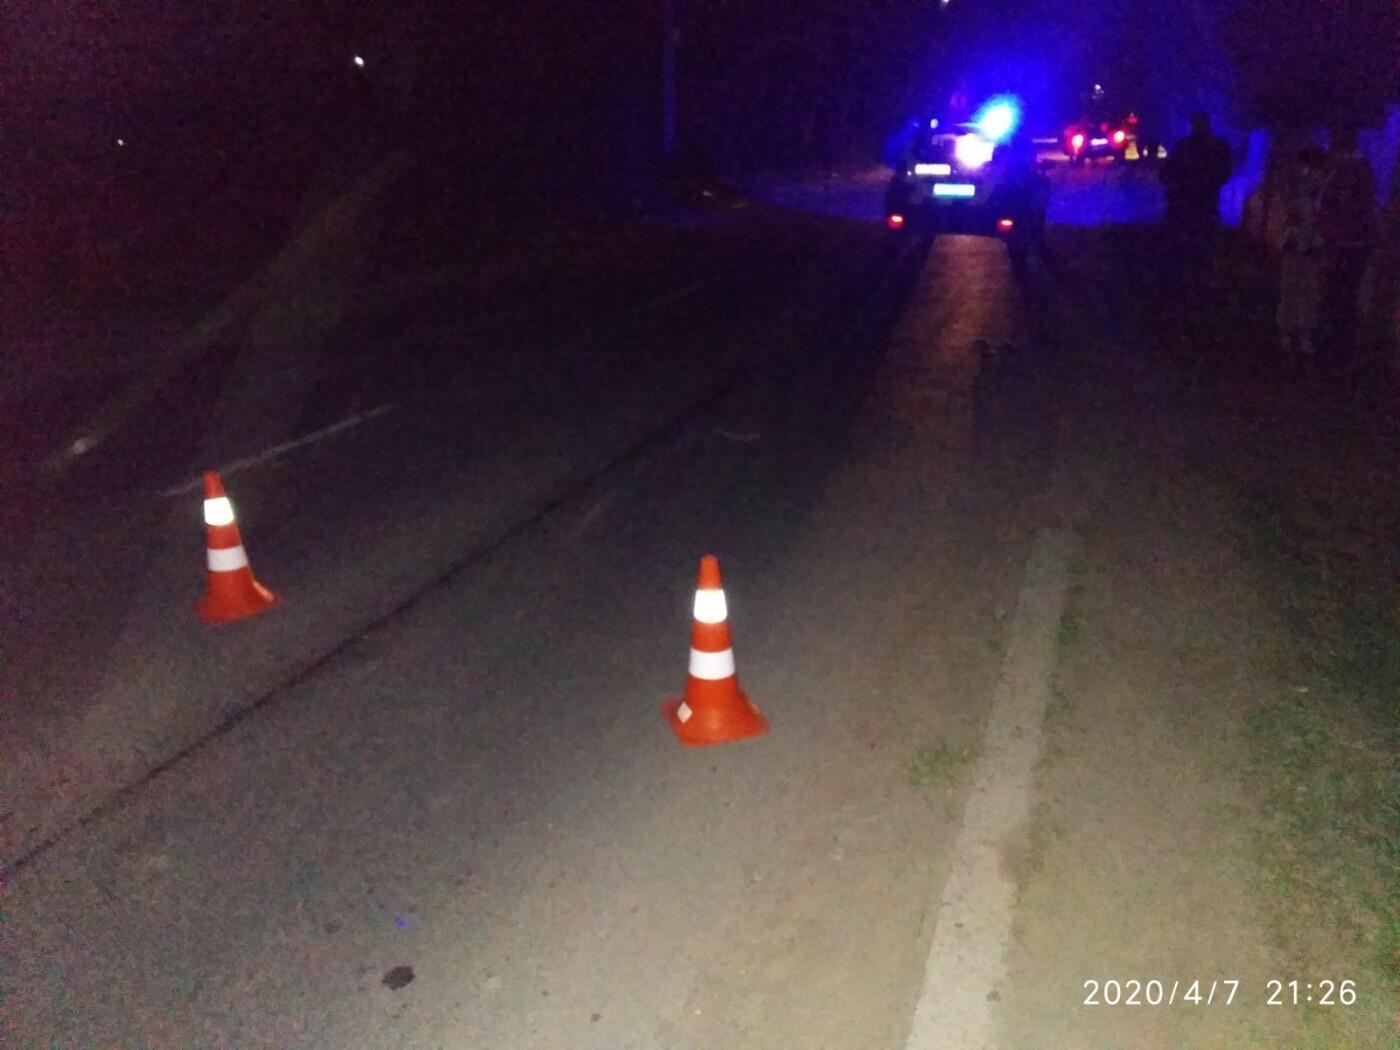 На автошляху Трускавець-Стебник ДТП - збили жінку, фото-1, Фото - 03247.com.ua